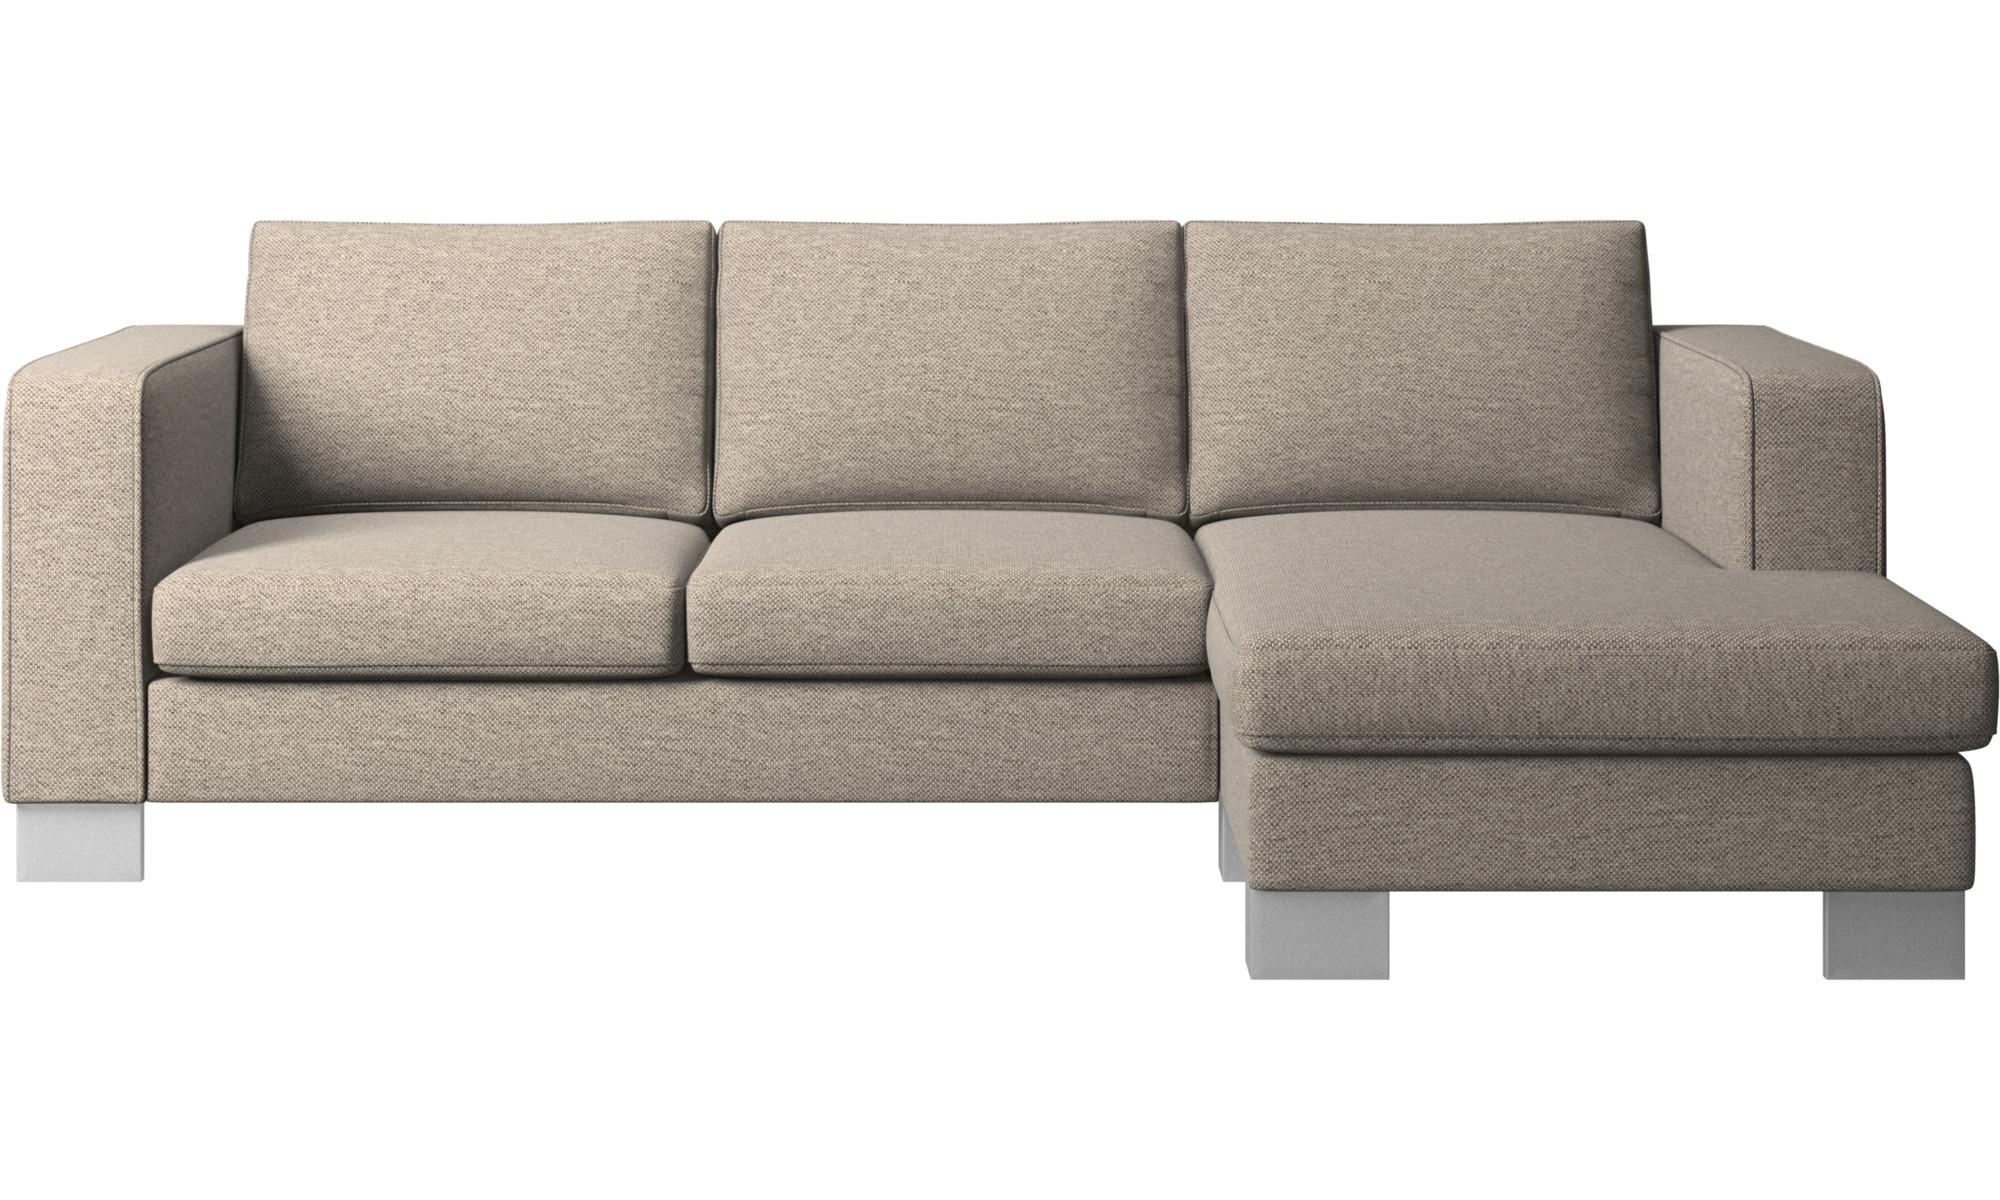 chaise longue banken indivi 2 zitbank met ligelement. Black Bedroom Furniture Sets. Home Design Ideas